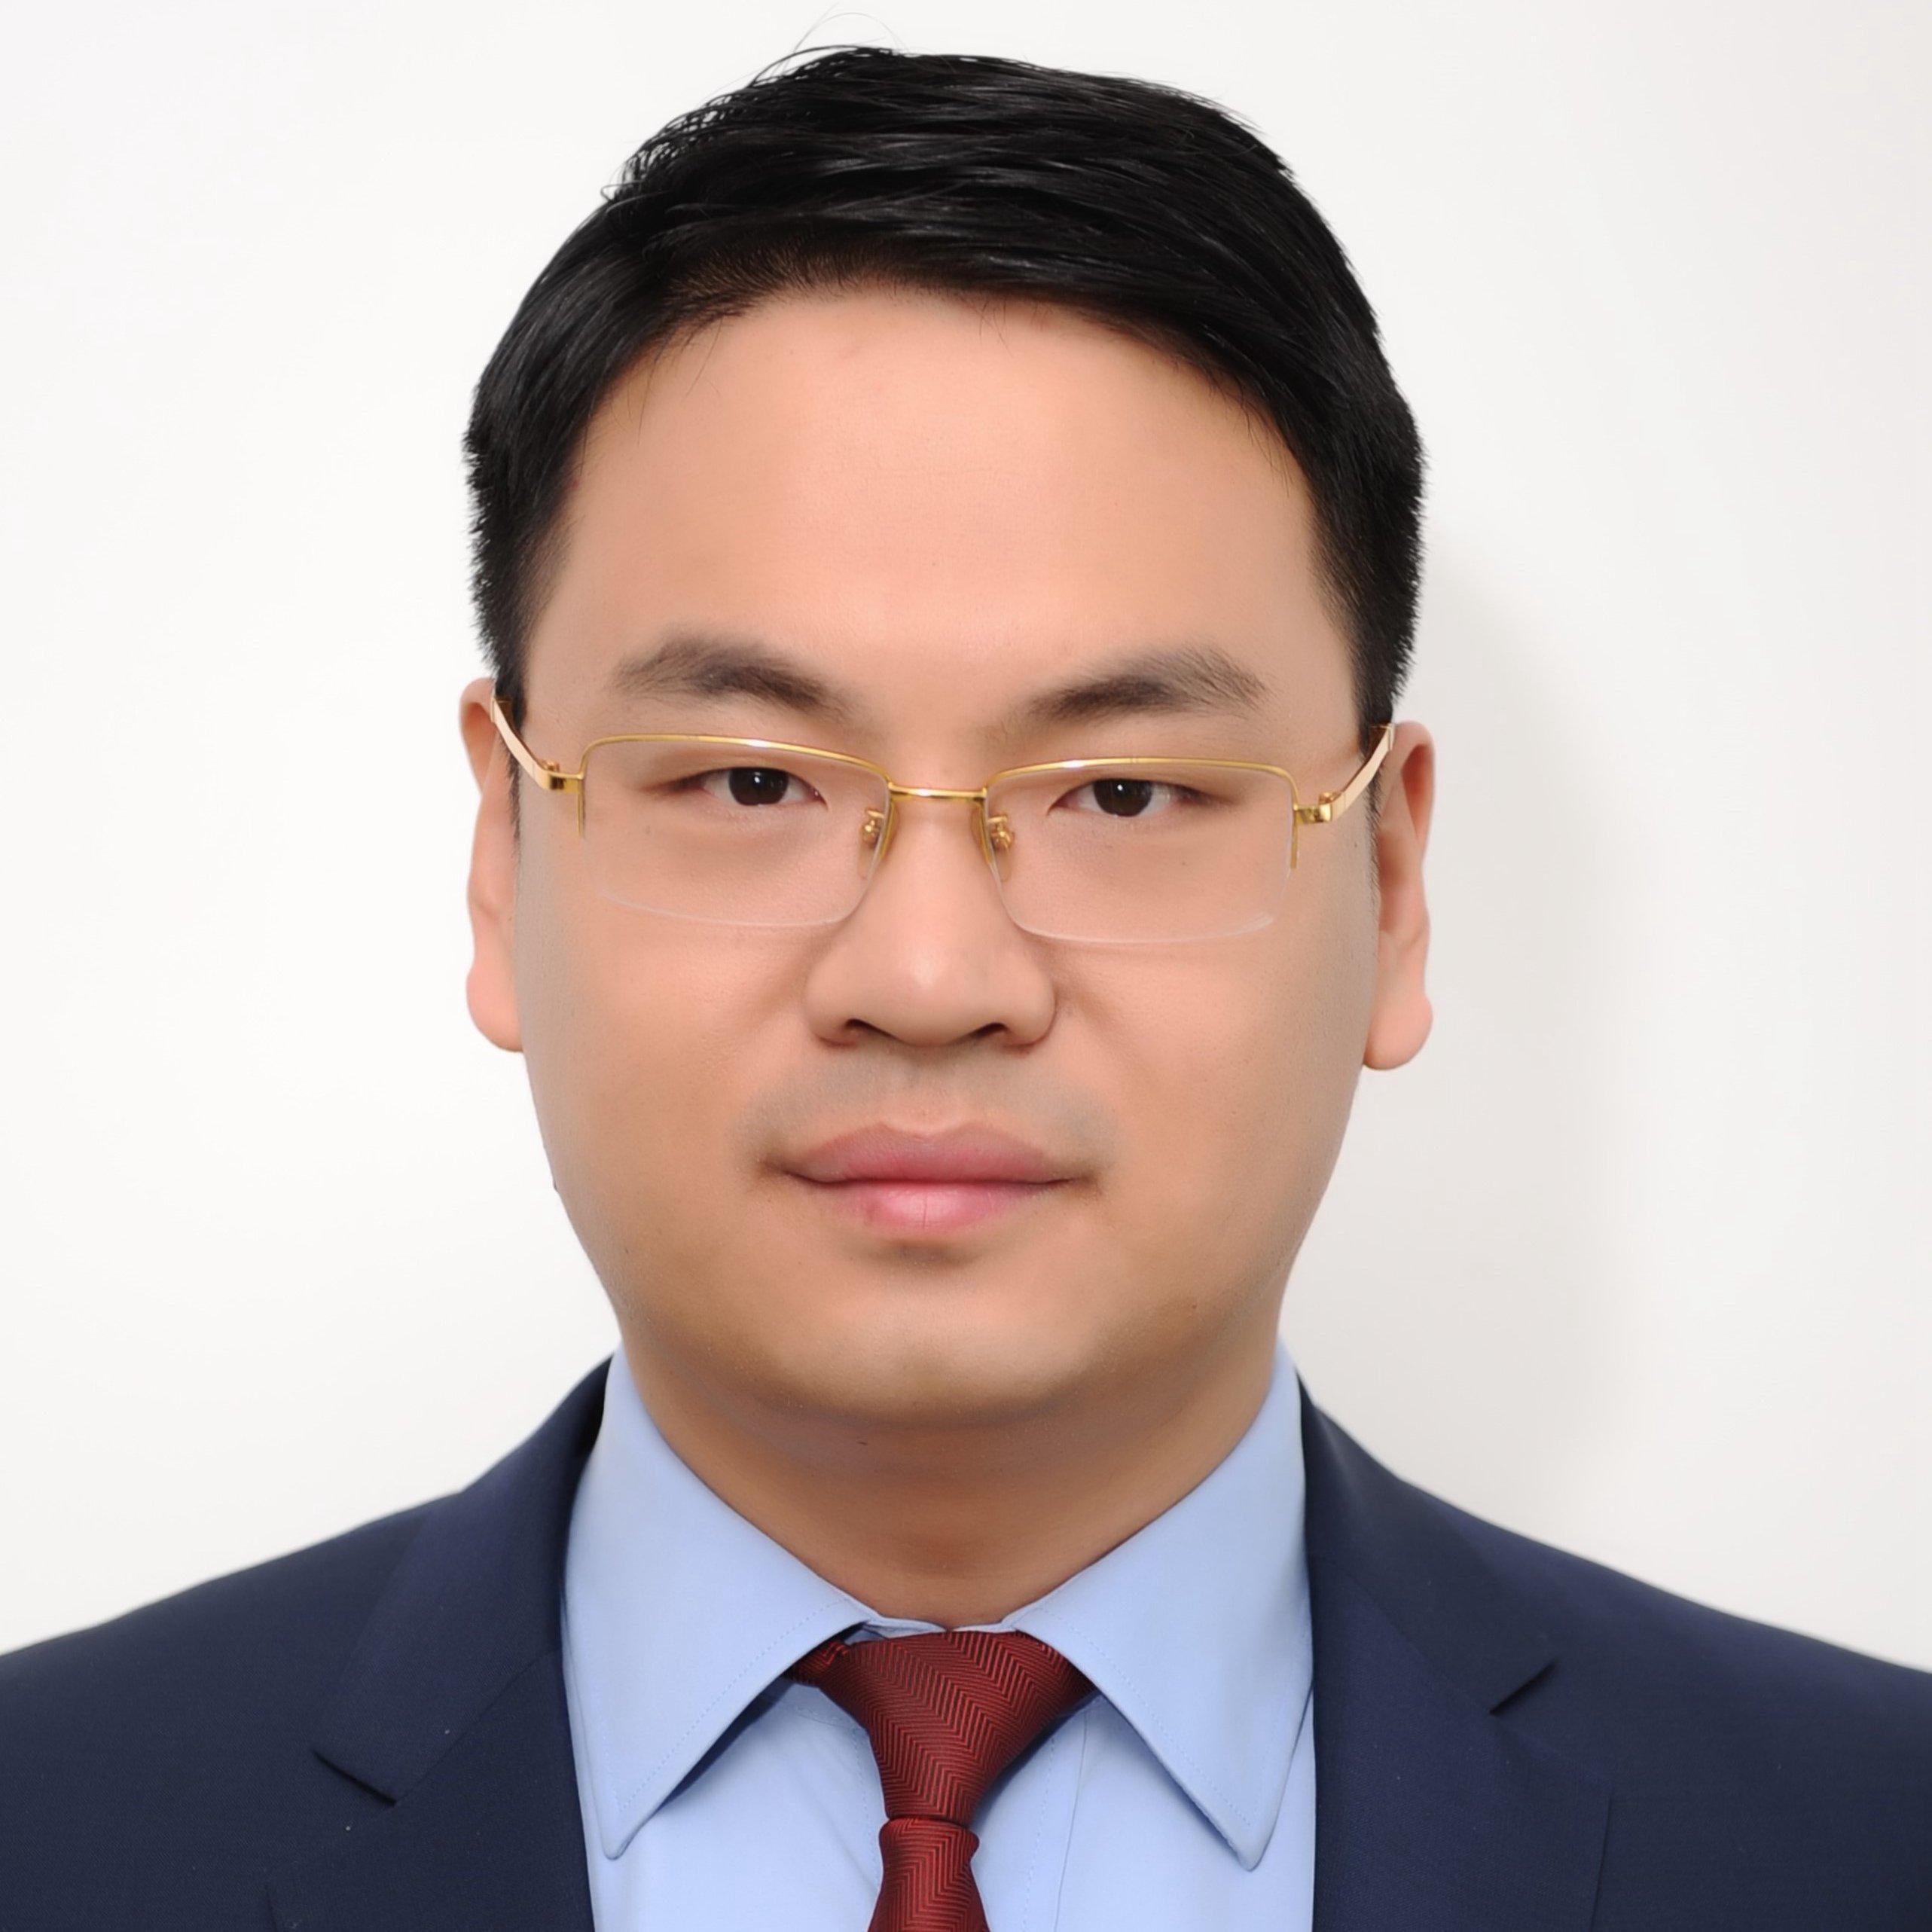 威高资本创始合伙人、总经理邢江龙